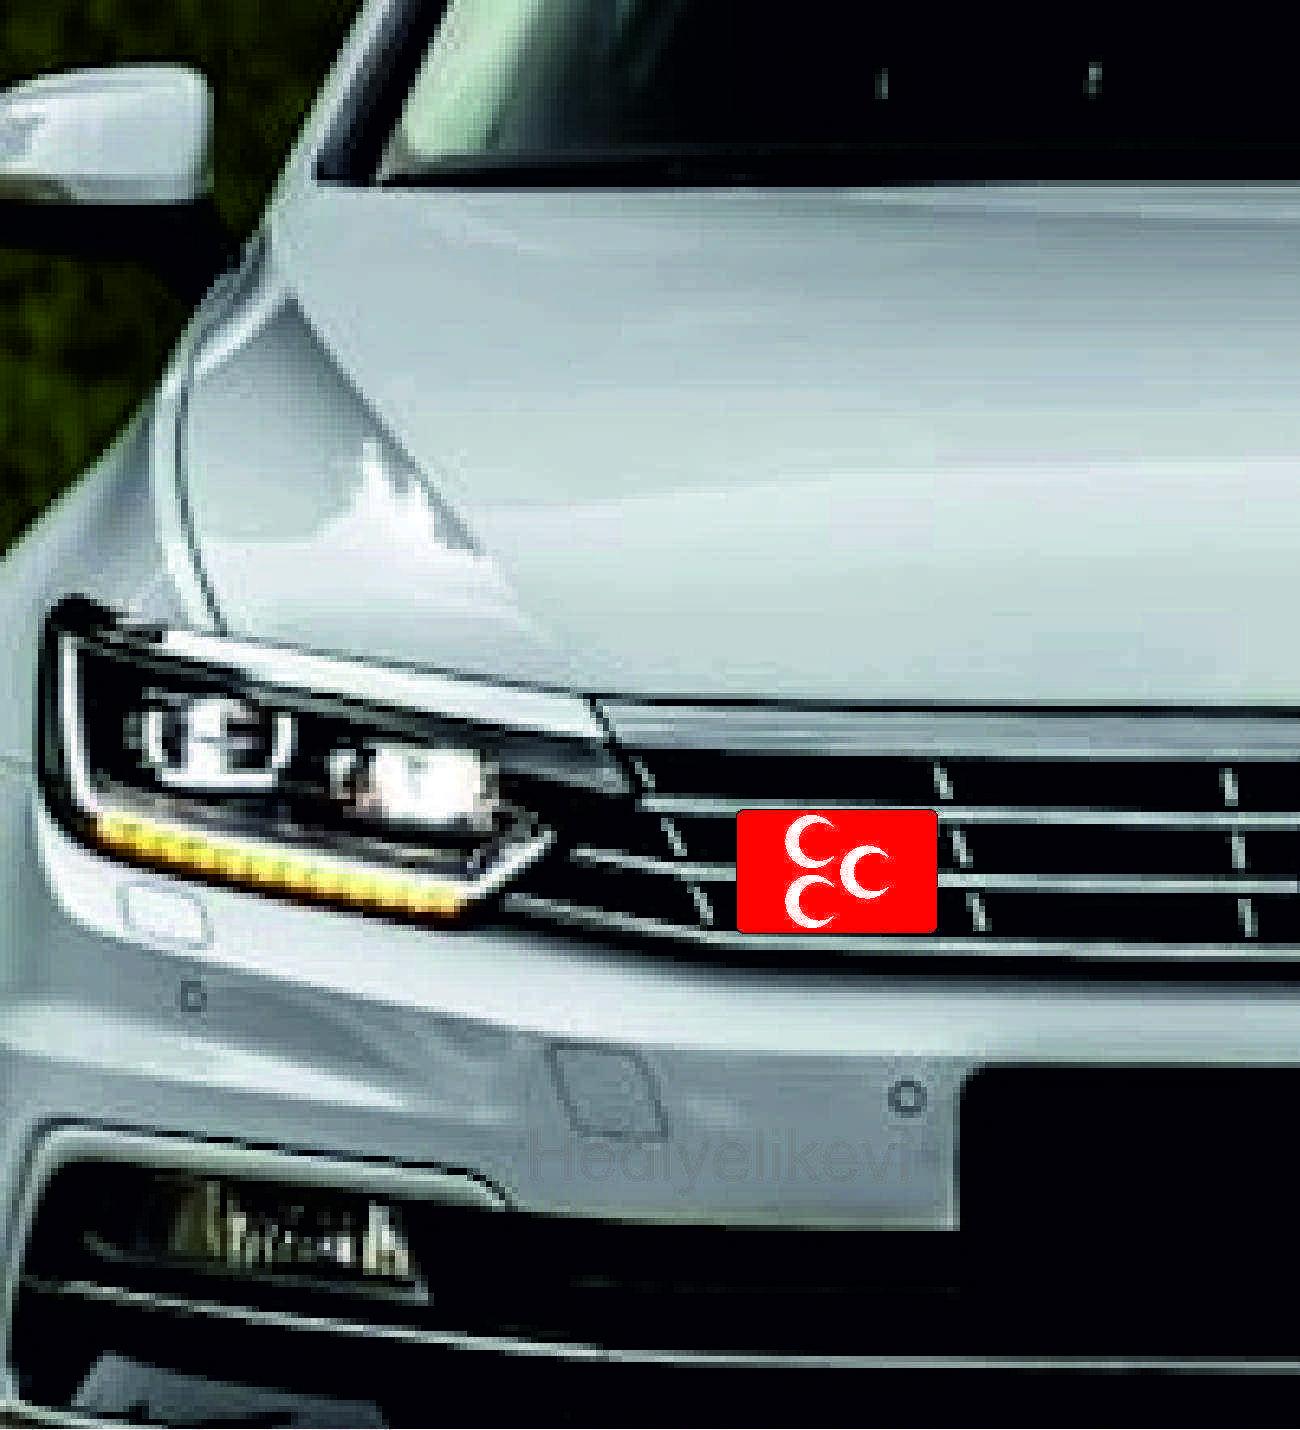 Araç Ön Panjur Logosu Panjur Arma Üç Hilal logolu